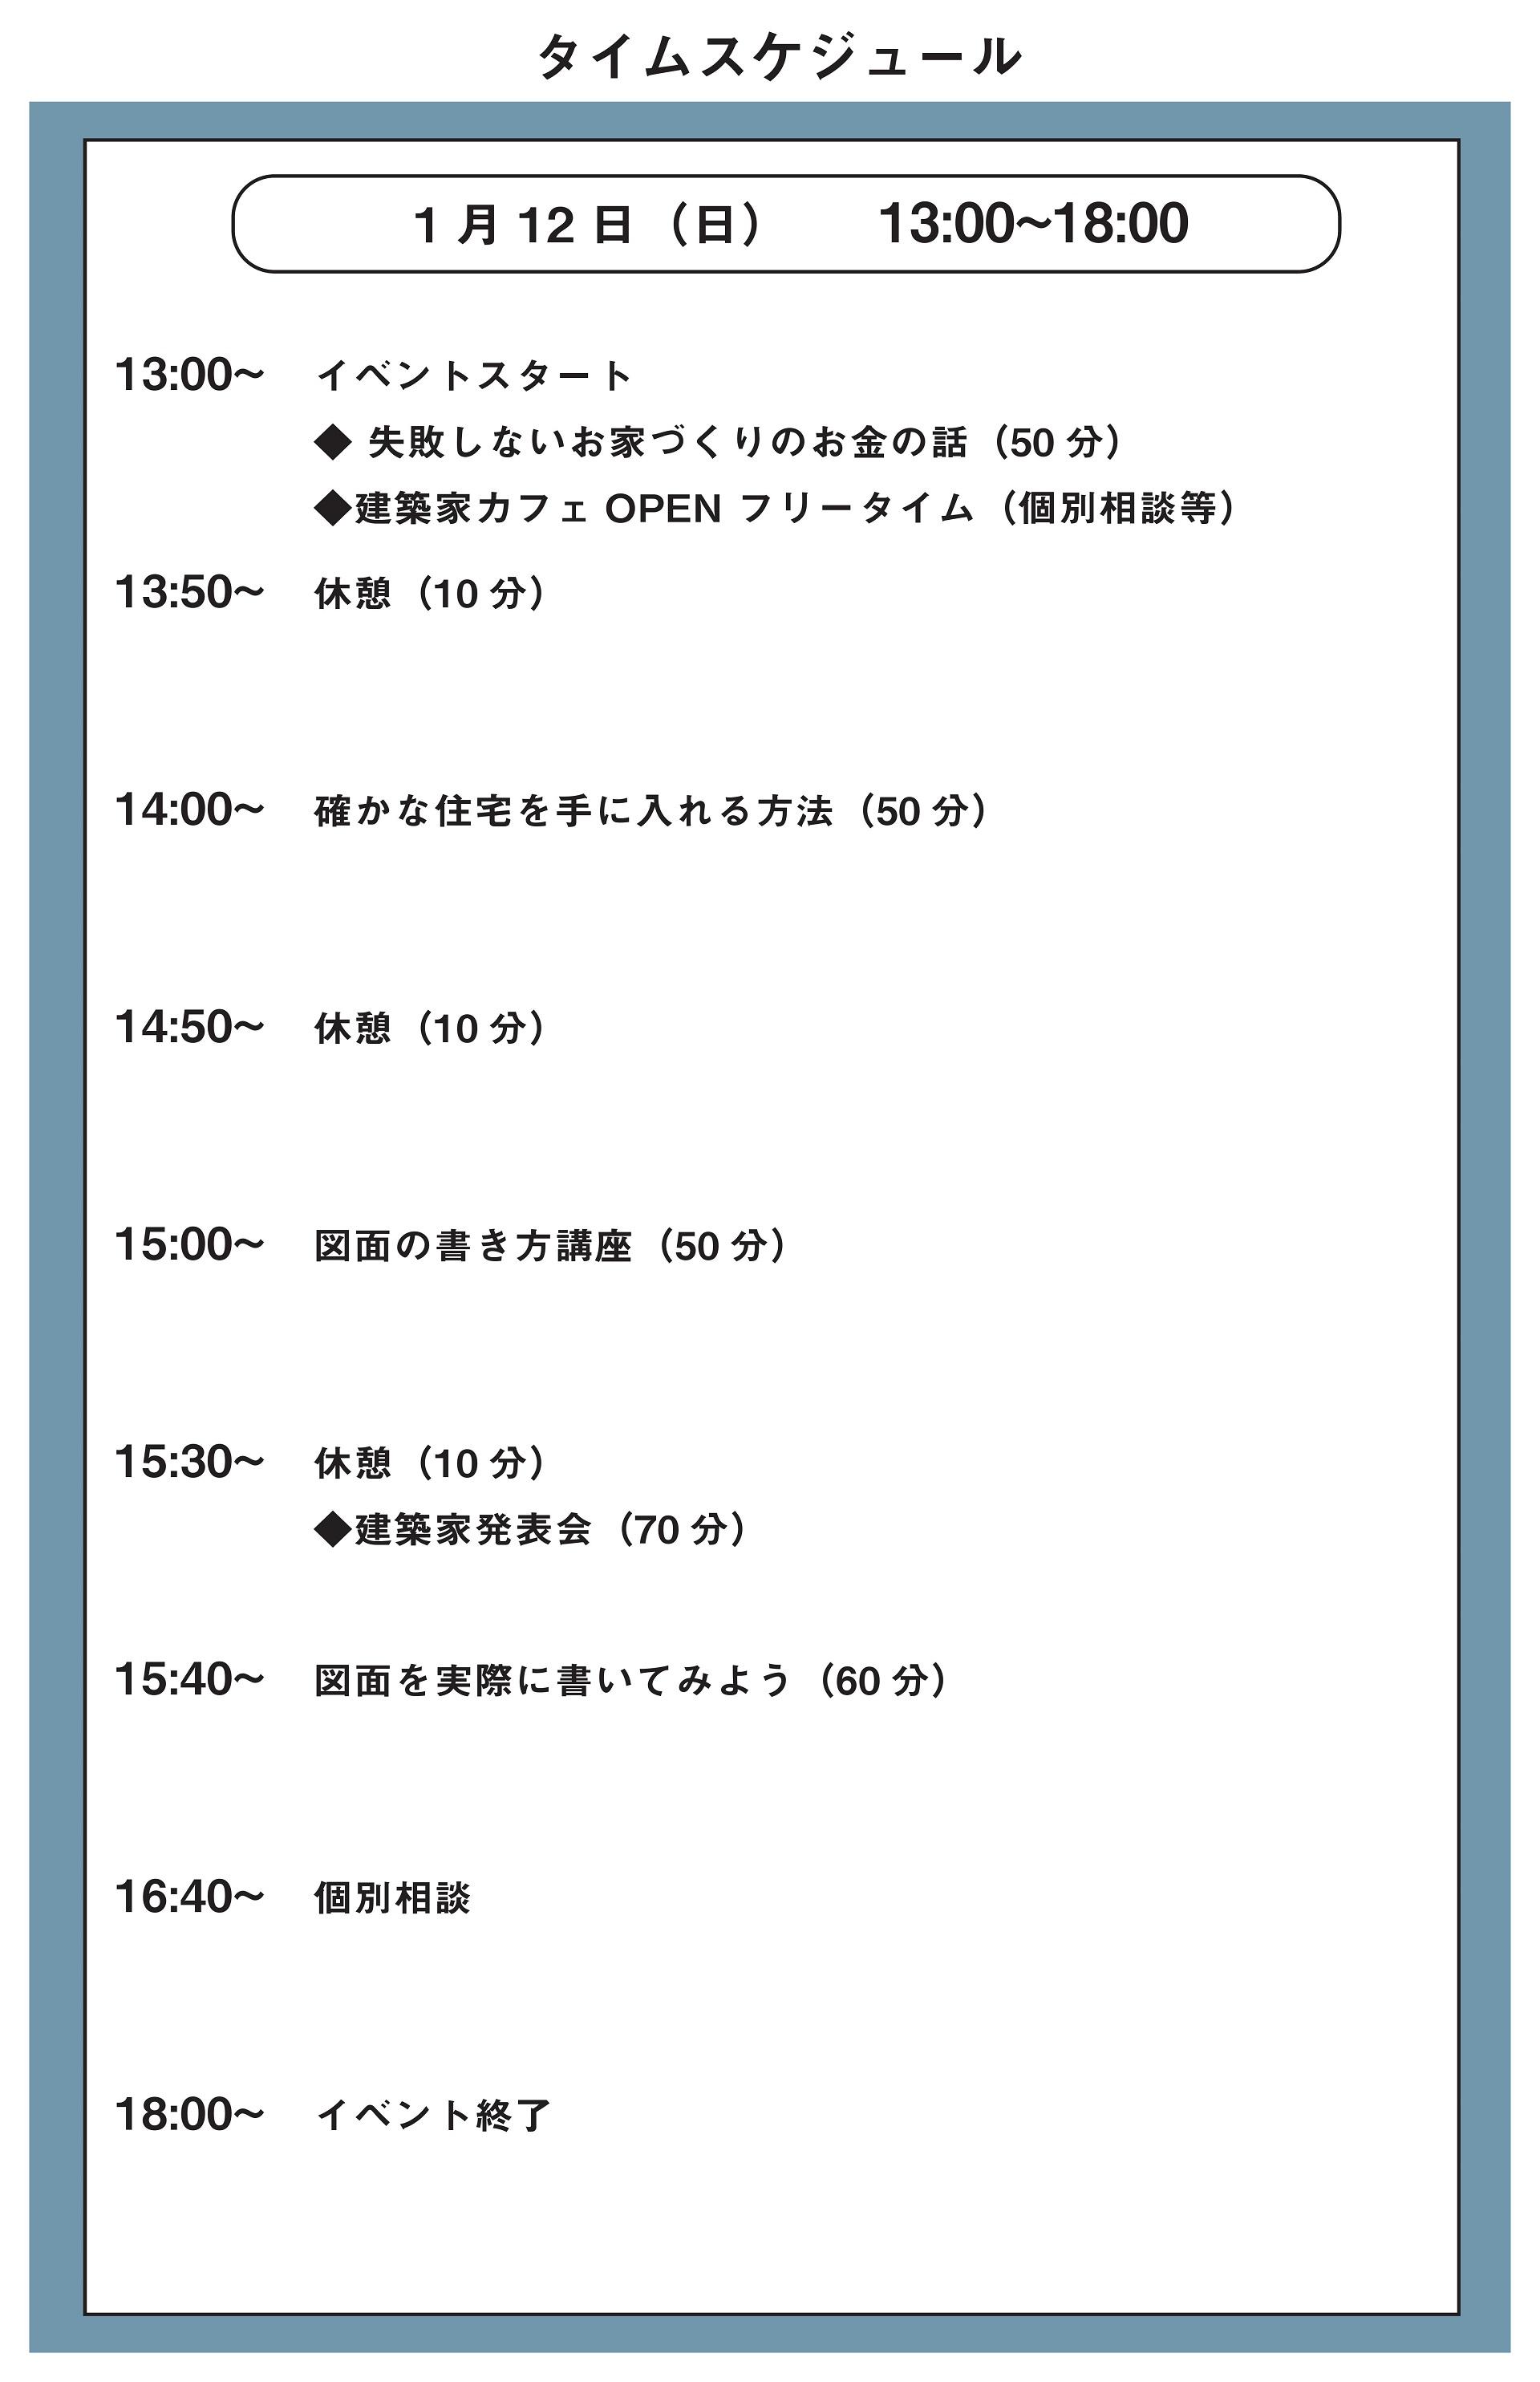 イベントタイムスケジュール_1